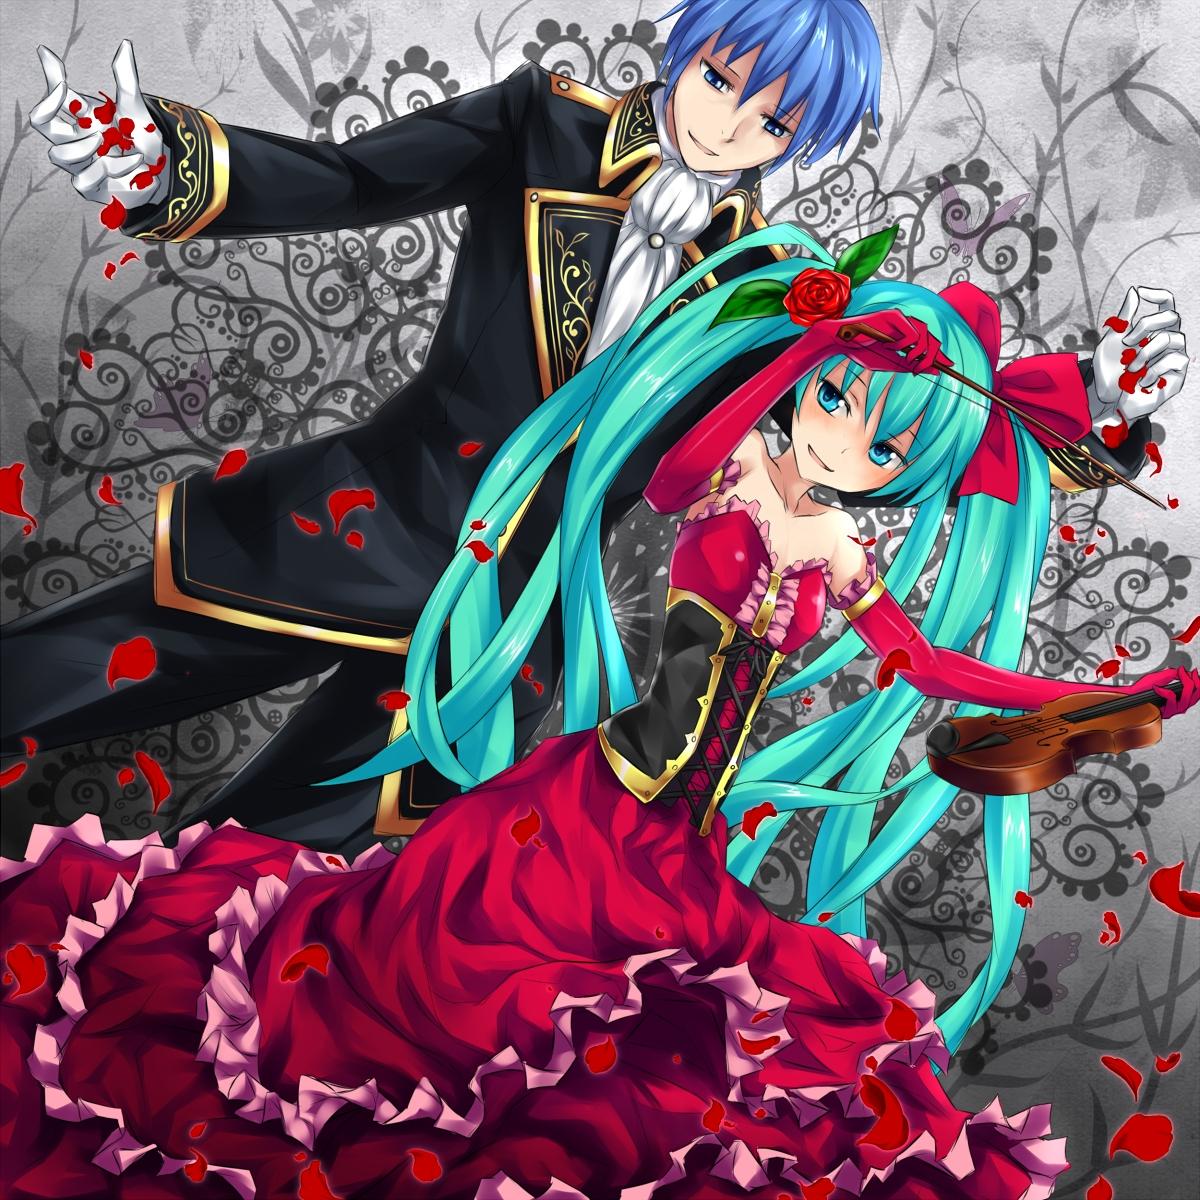 Cantarella (Song) Image #704780 - Zerochan Anime Image Board Vocaloid Kaito Songs